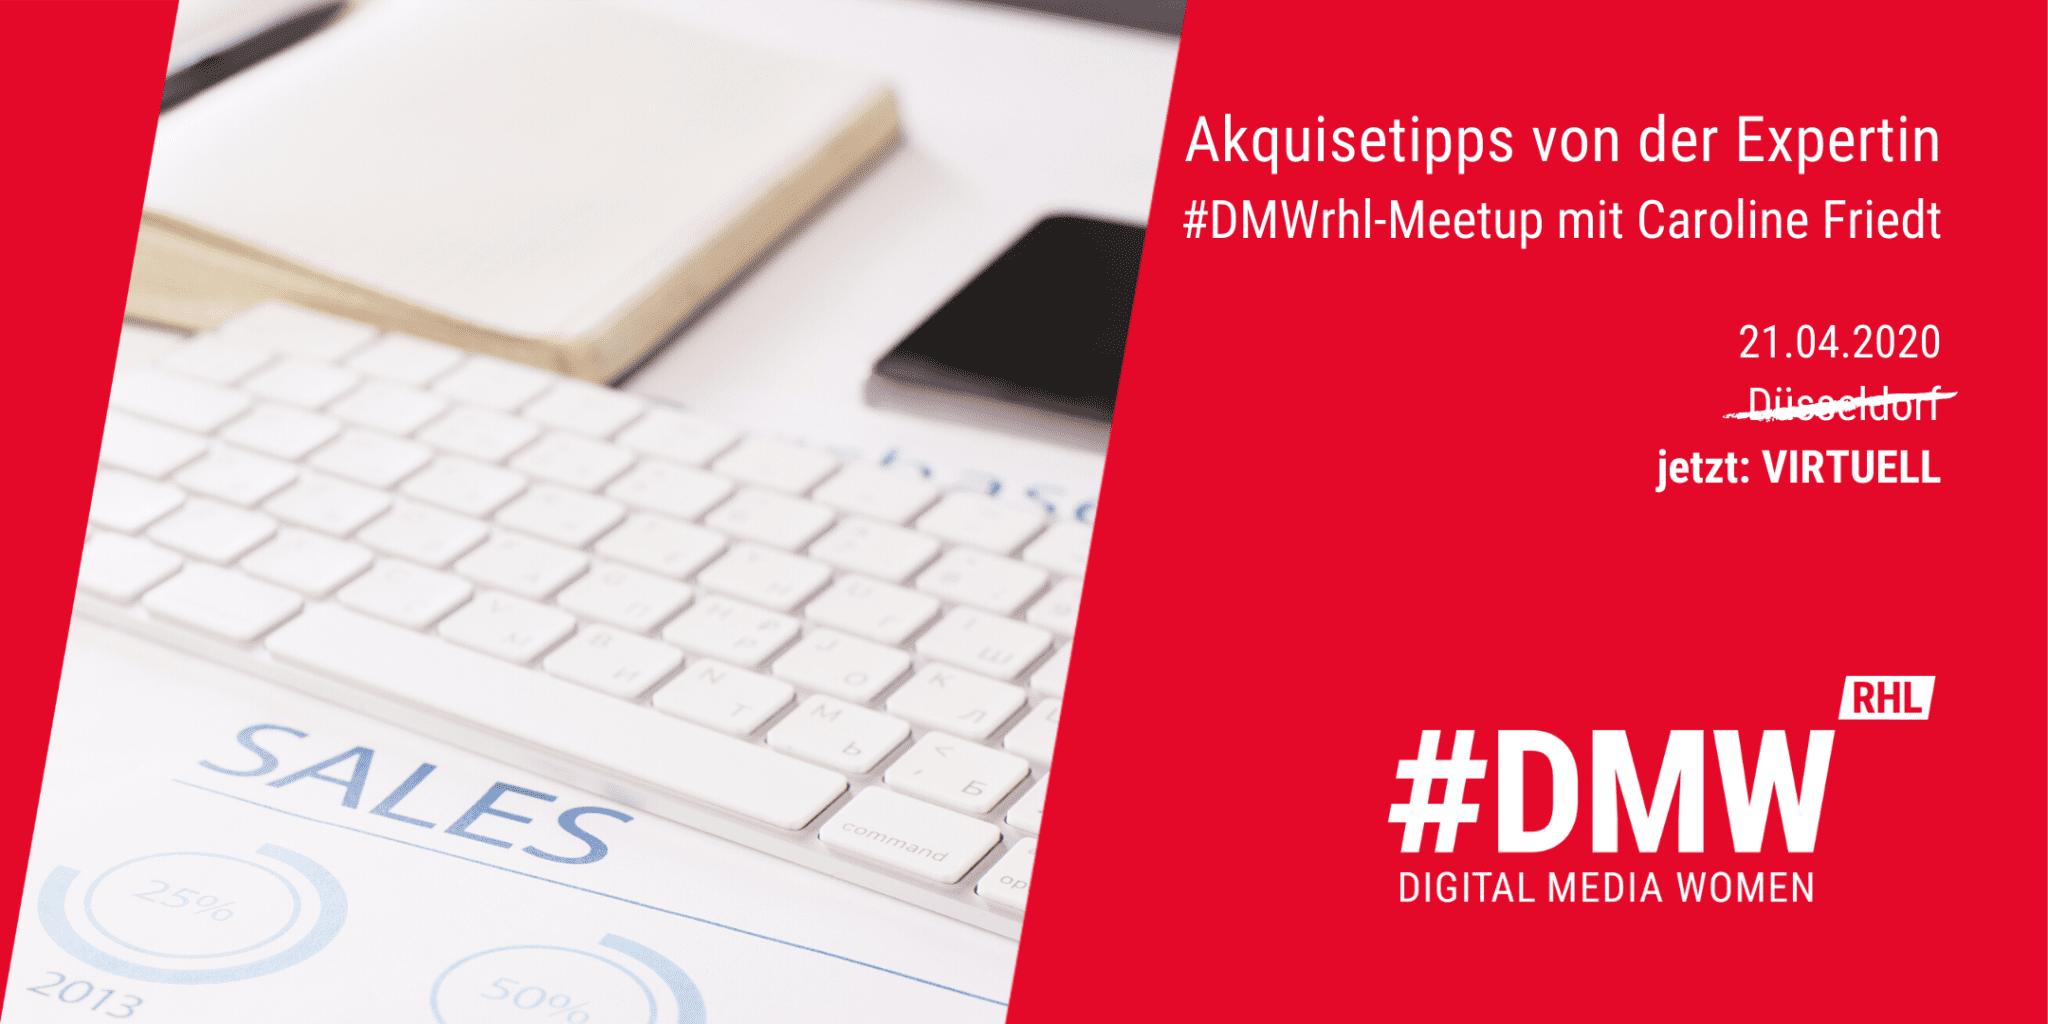 Online Meetup mit den #DMW Rheinland und Caroline Friedt zum Thema Akquise in der Krise